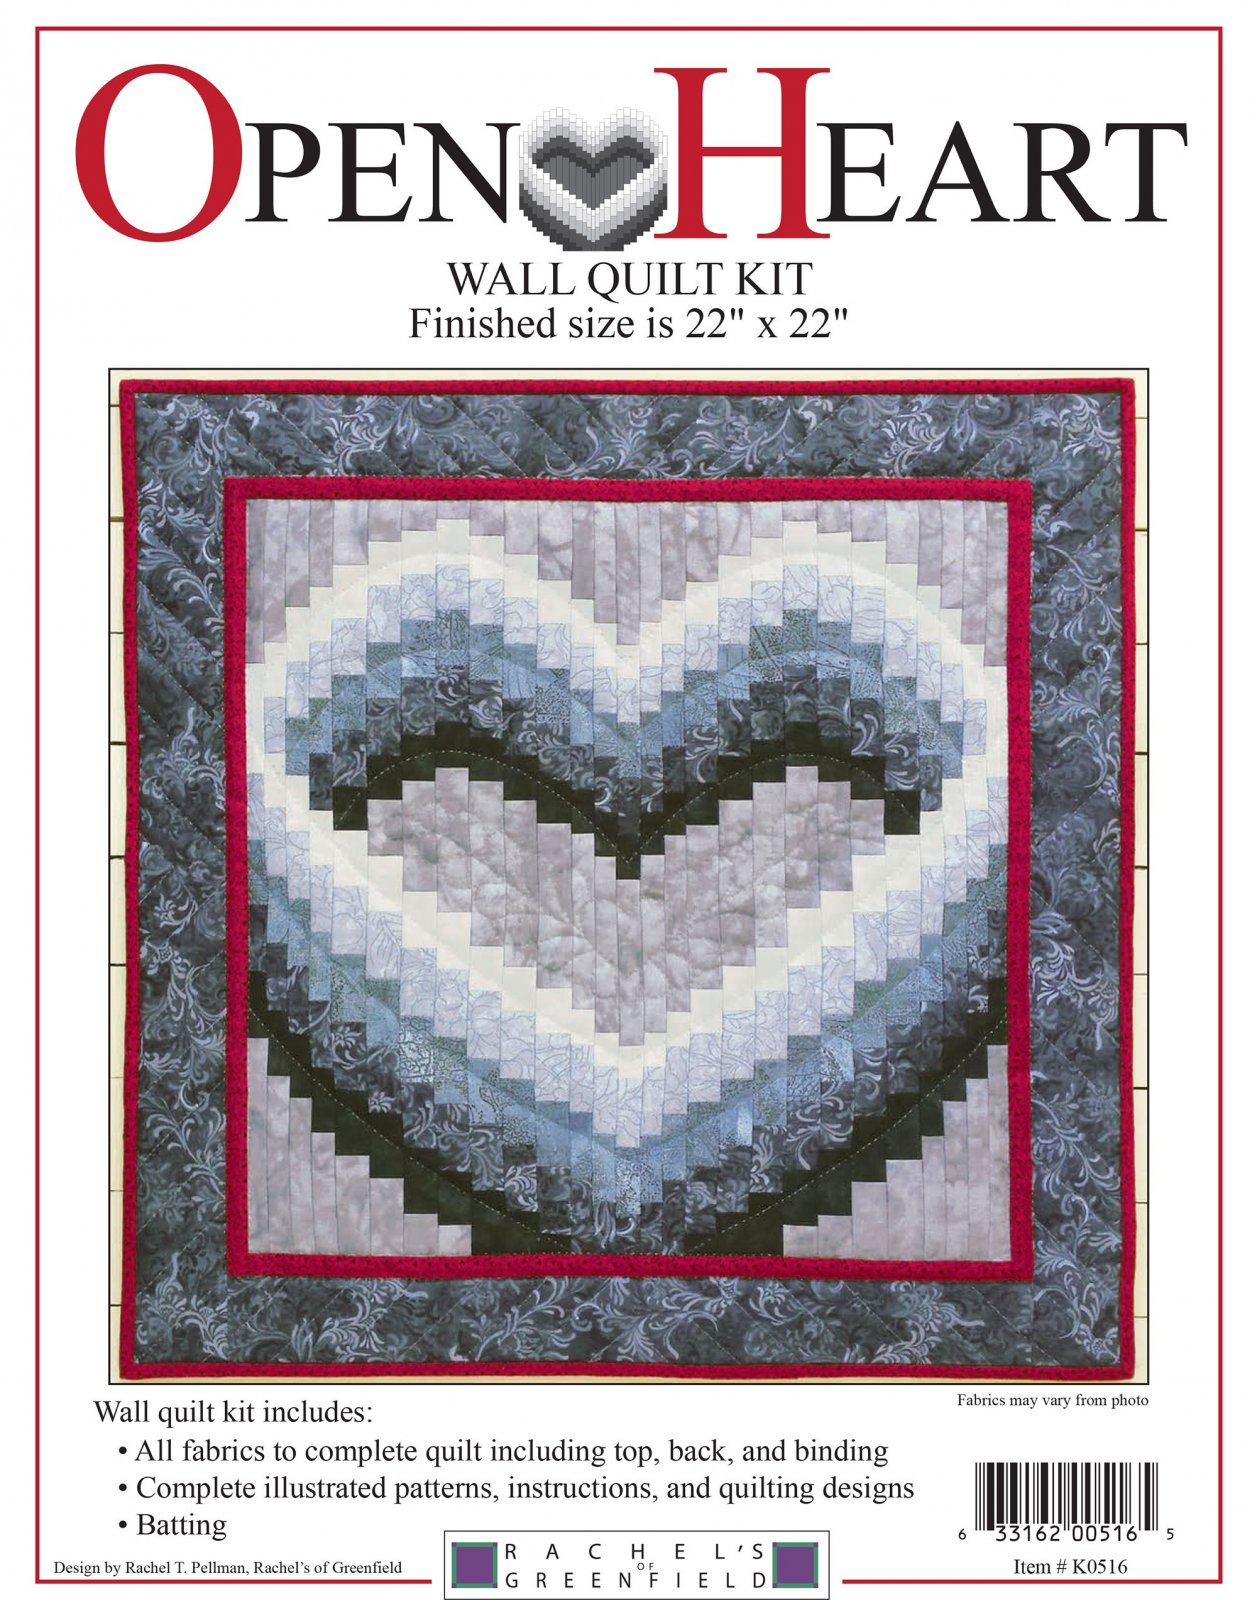 Open Heart Wall Quilt kit